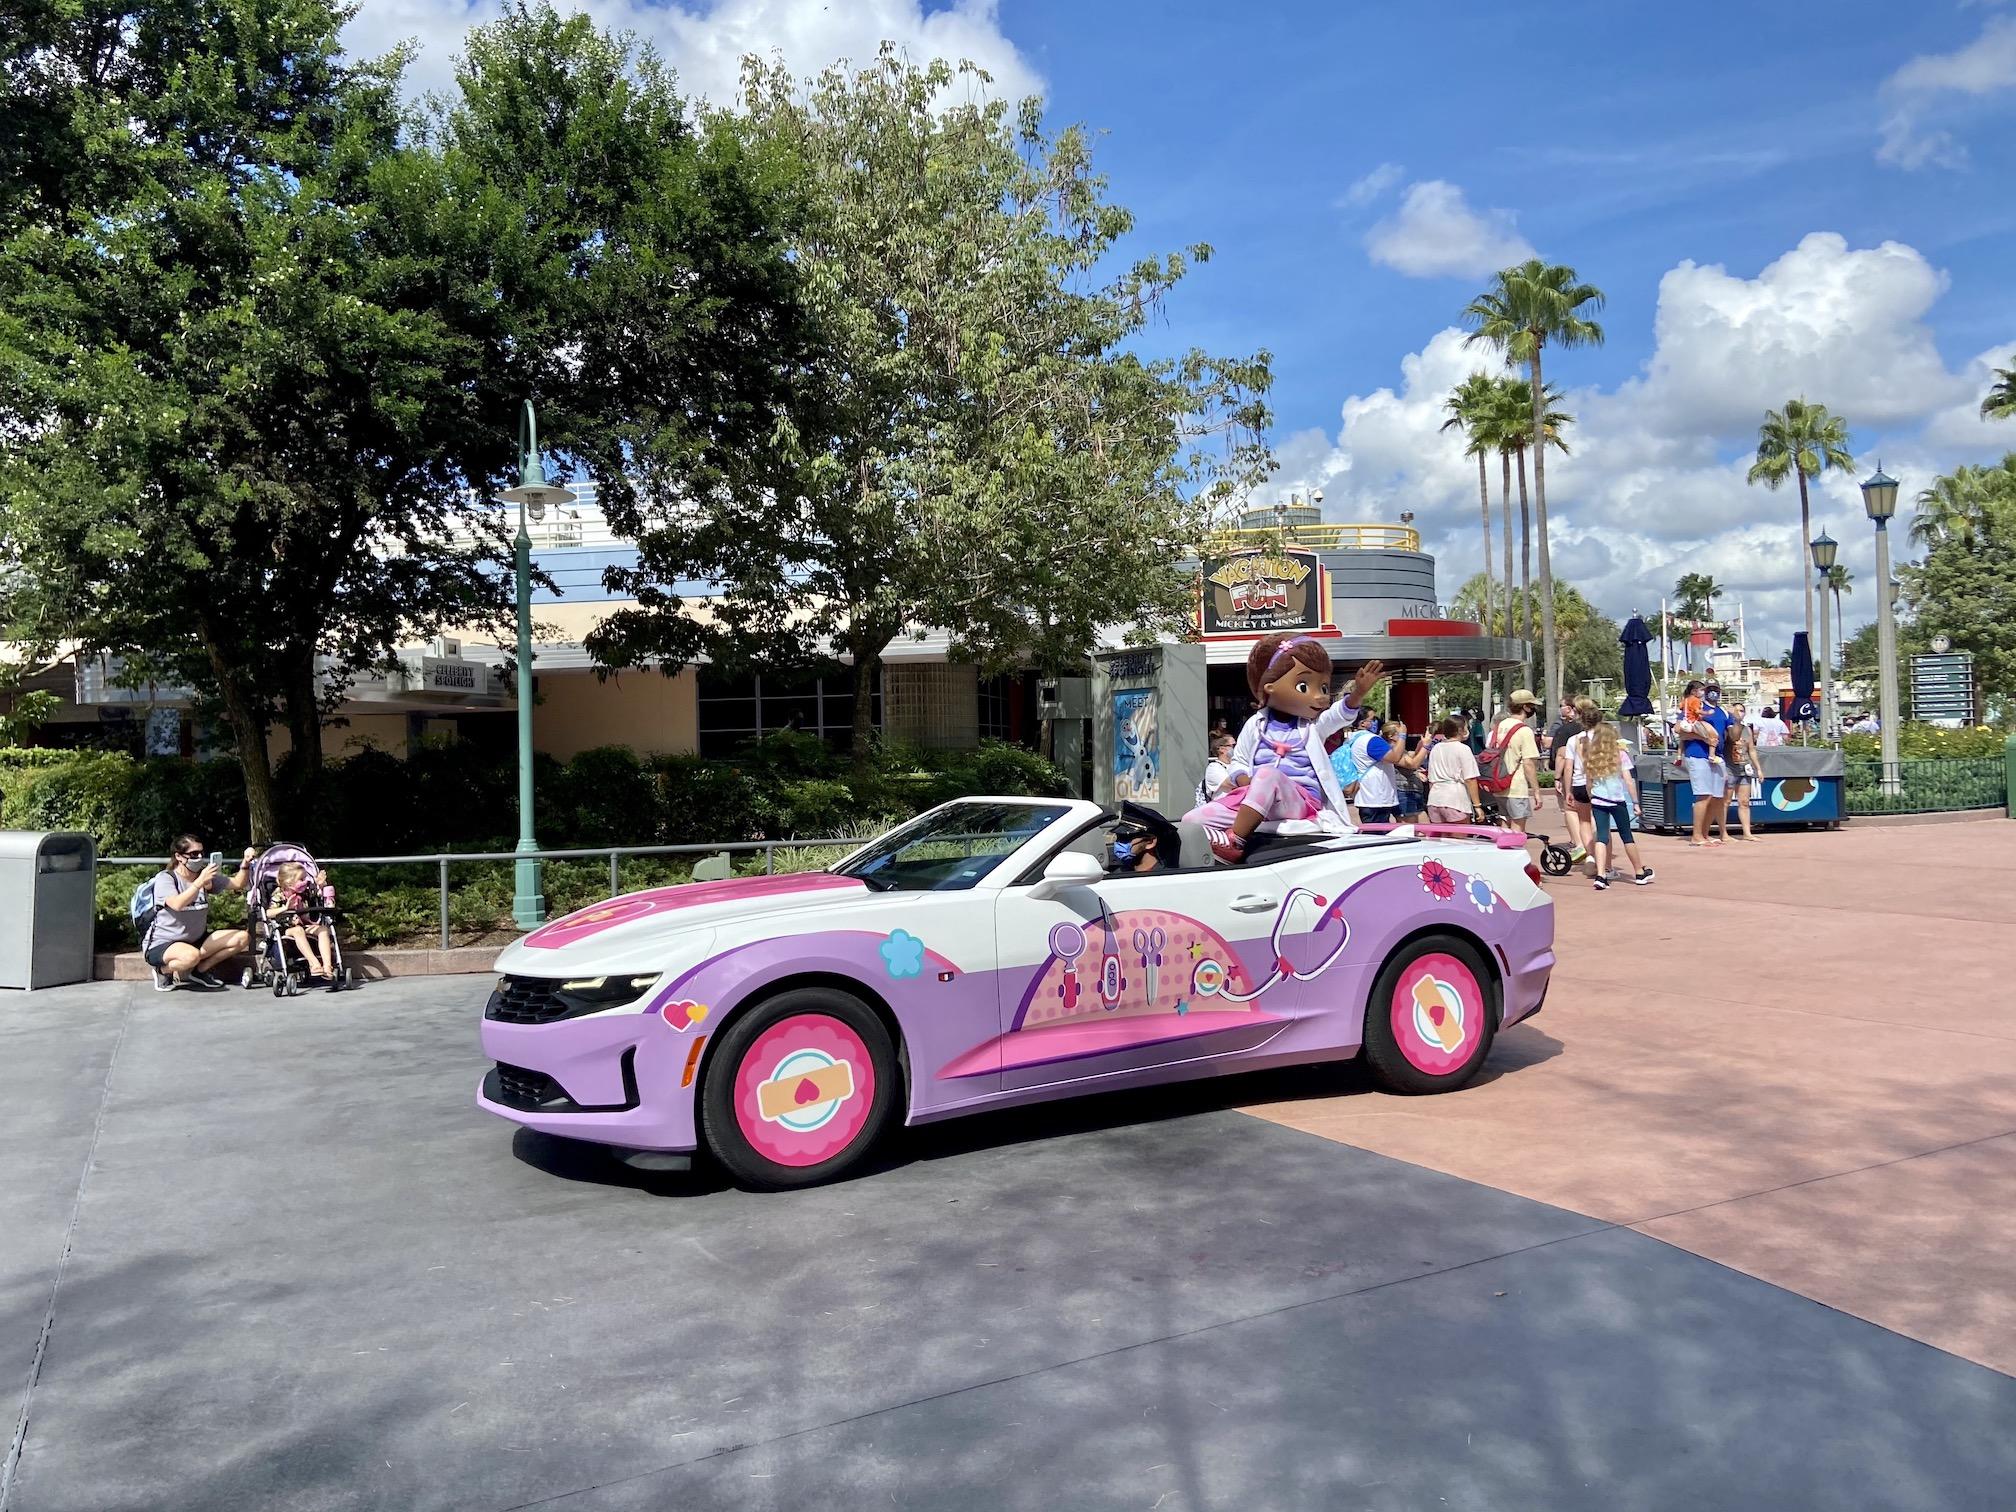 Doc McStuffins at Disney's Hollywood Studios